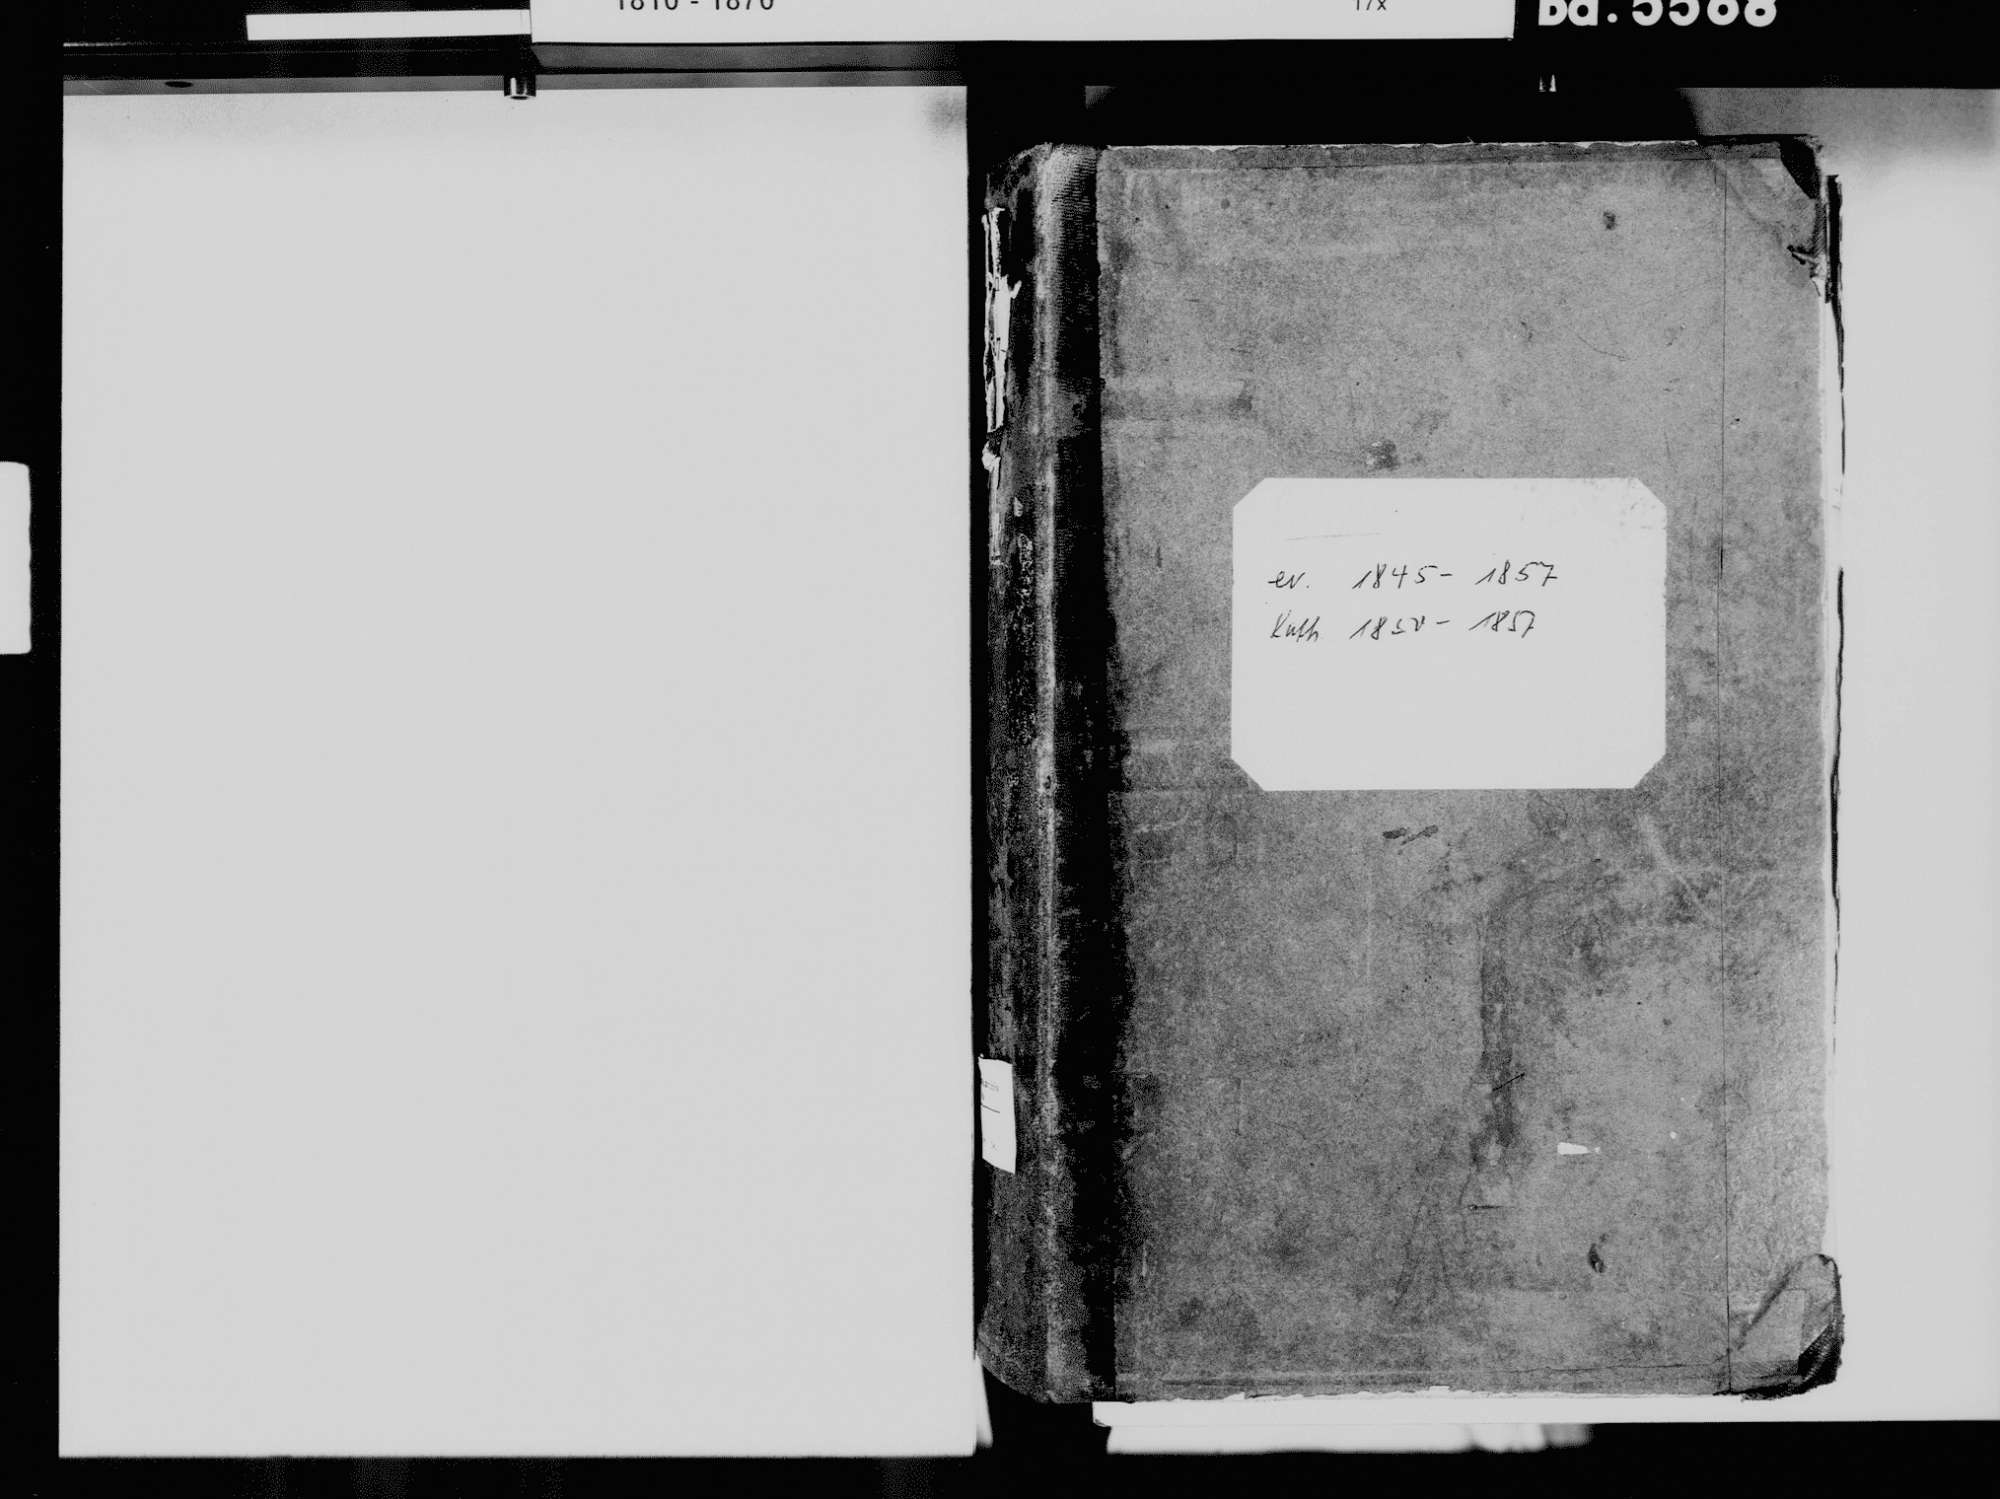 Prechtal, Elzach EM; Evangelische Gemeinde: Standesbuch 1845-1857 Prechtal, Elzach EM; Katholische Gemeinde: Standesbuch 1850-1857, Bild 3